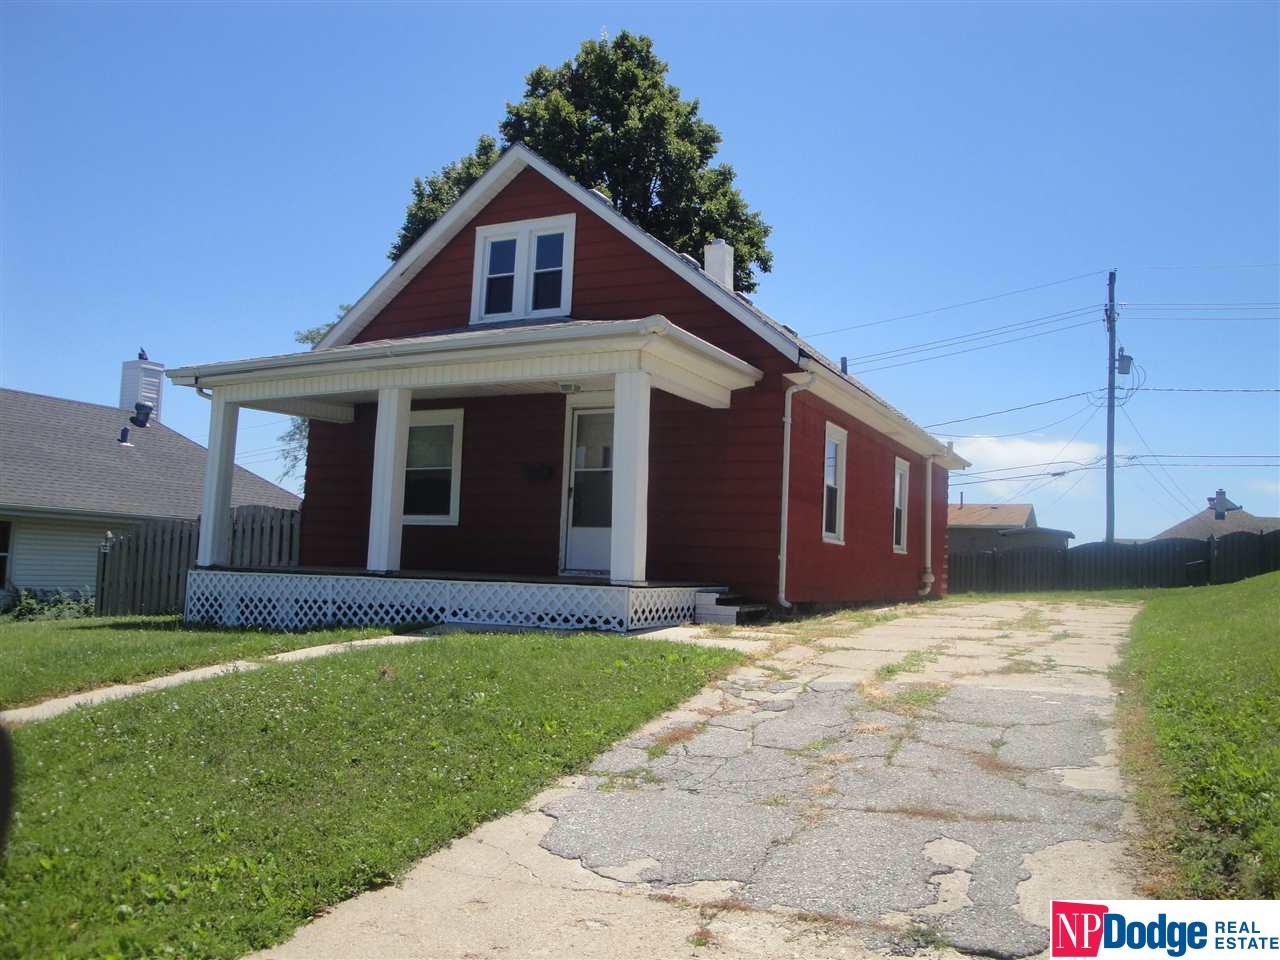 7723 Main Street, Ralston, NE 68127